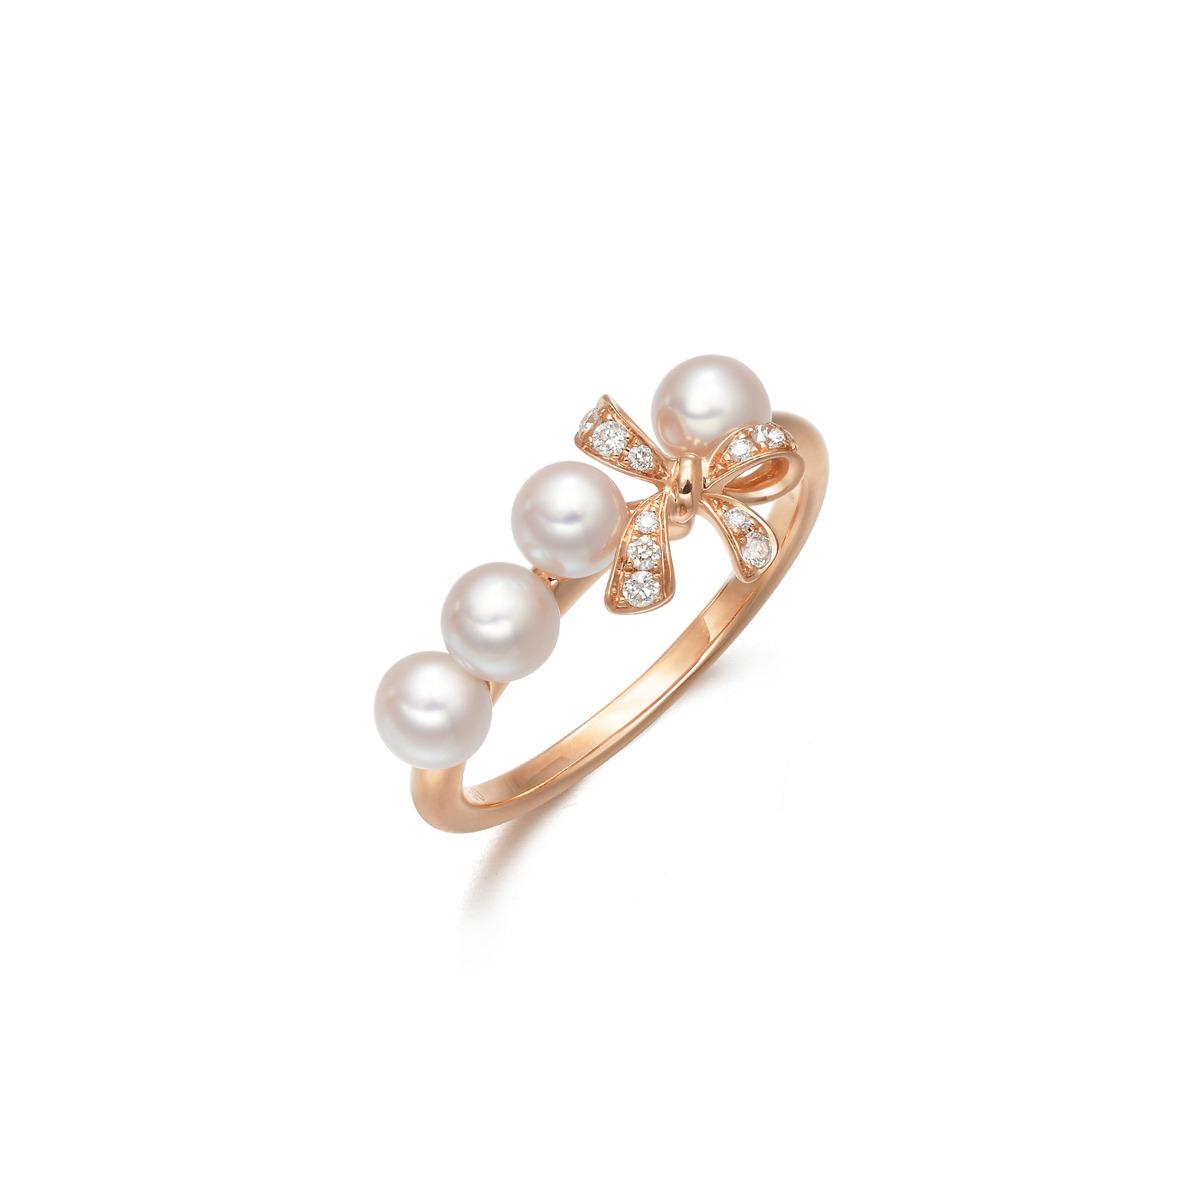 周生生「Daily Luxe」18K黄金Akoya养殖珍珠戒指_珠宝图片